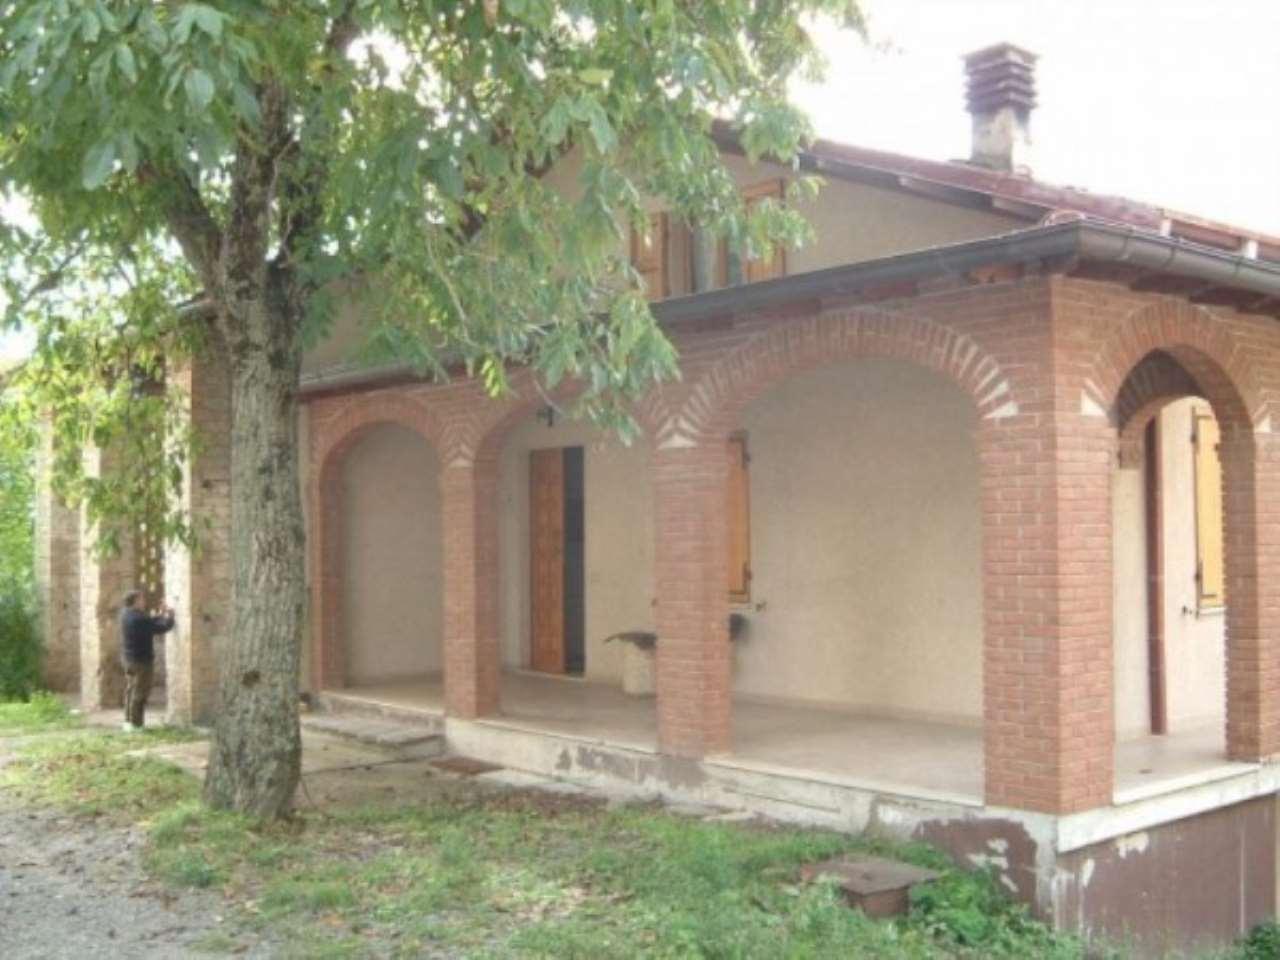 Villa in vendita a Carpineti, 5 locali, Trattative riservate | Cambio Casa.it